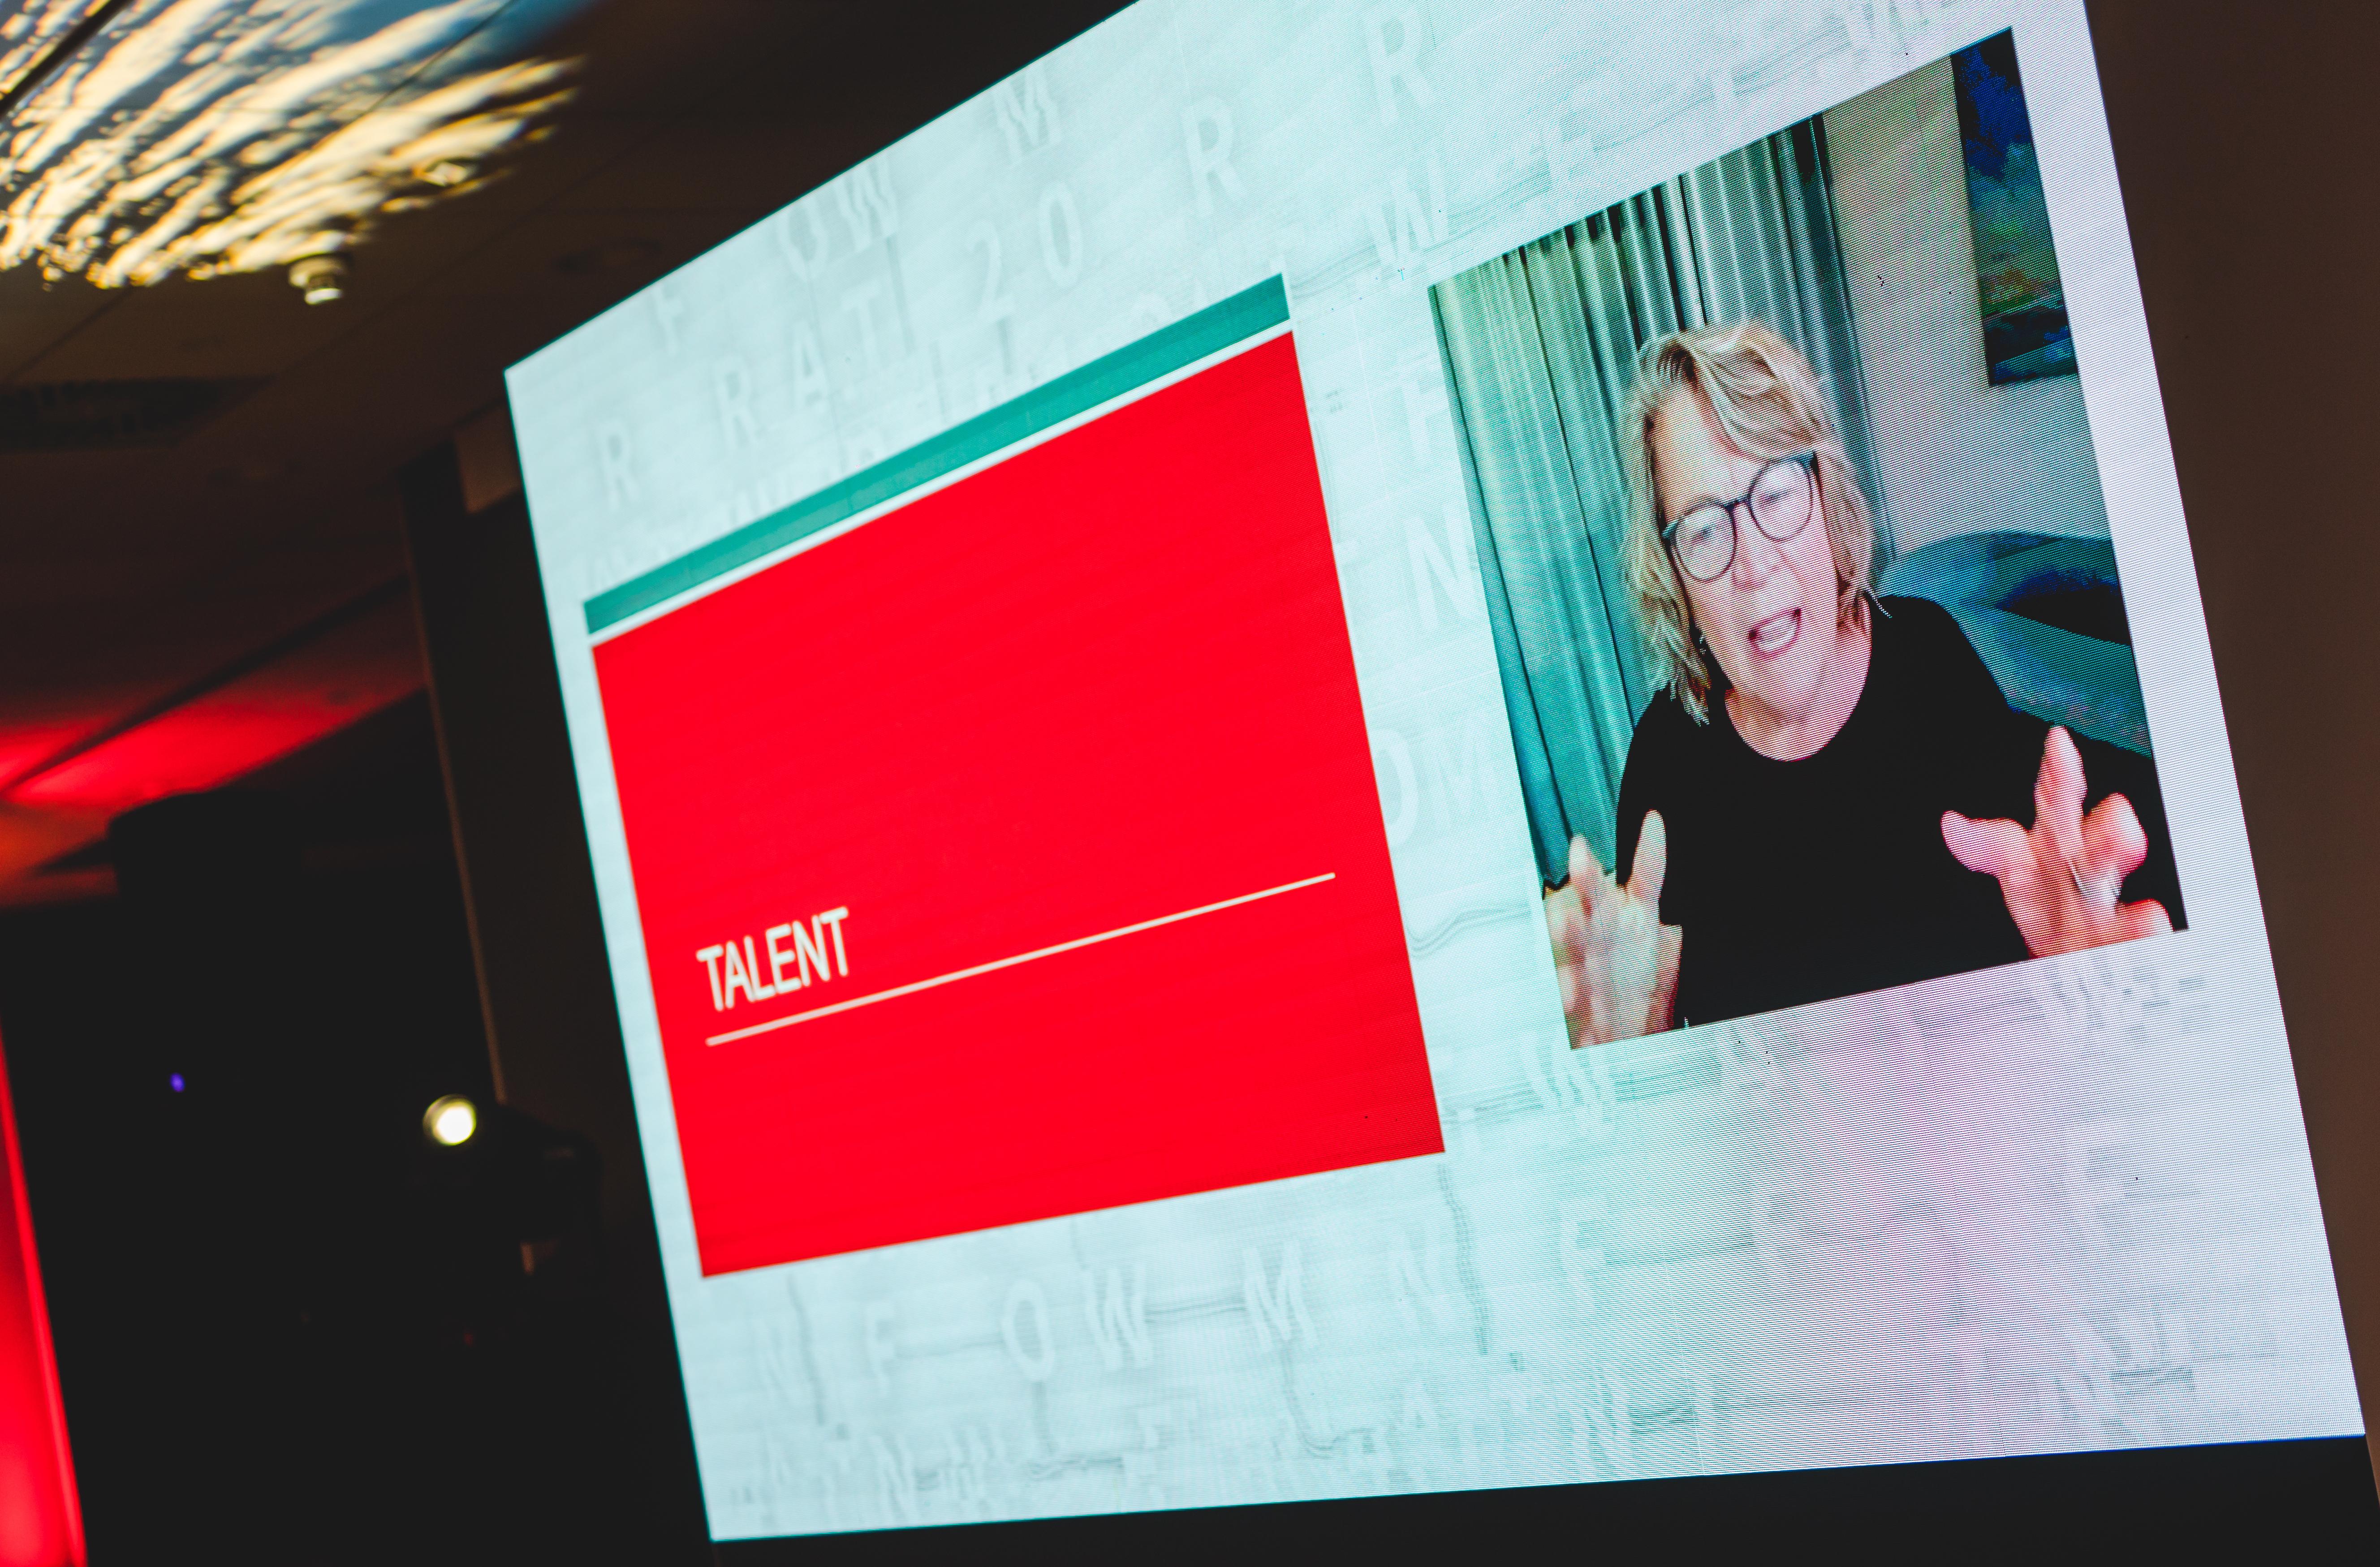 Kultura pracy oparta na zaufaniu i szczerości wg Netflix i Patty McCord